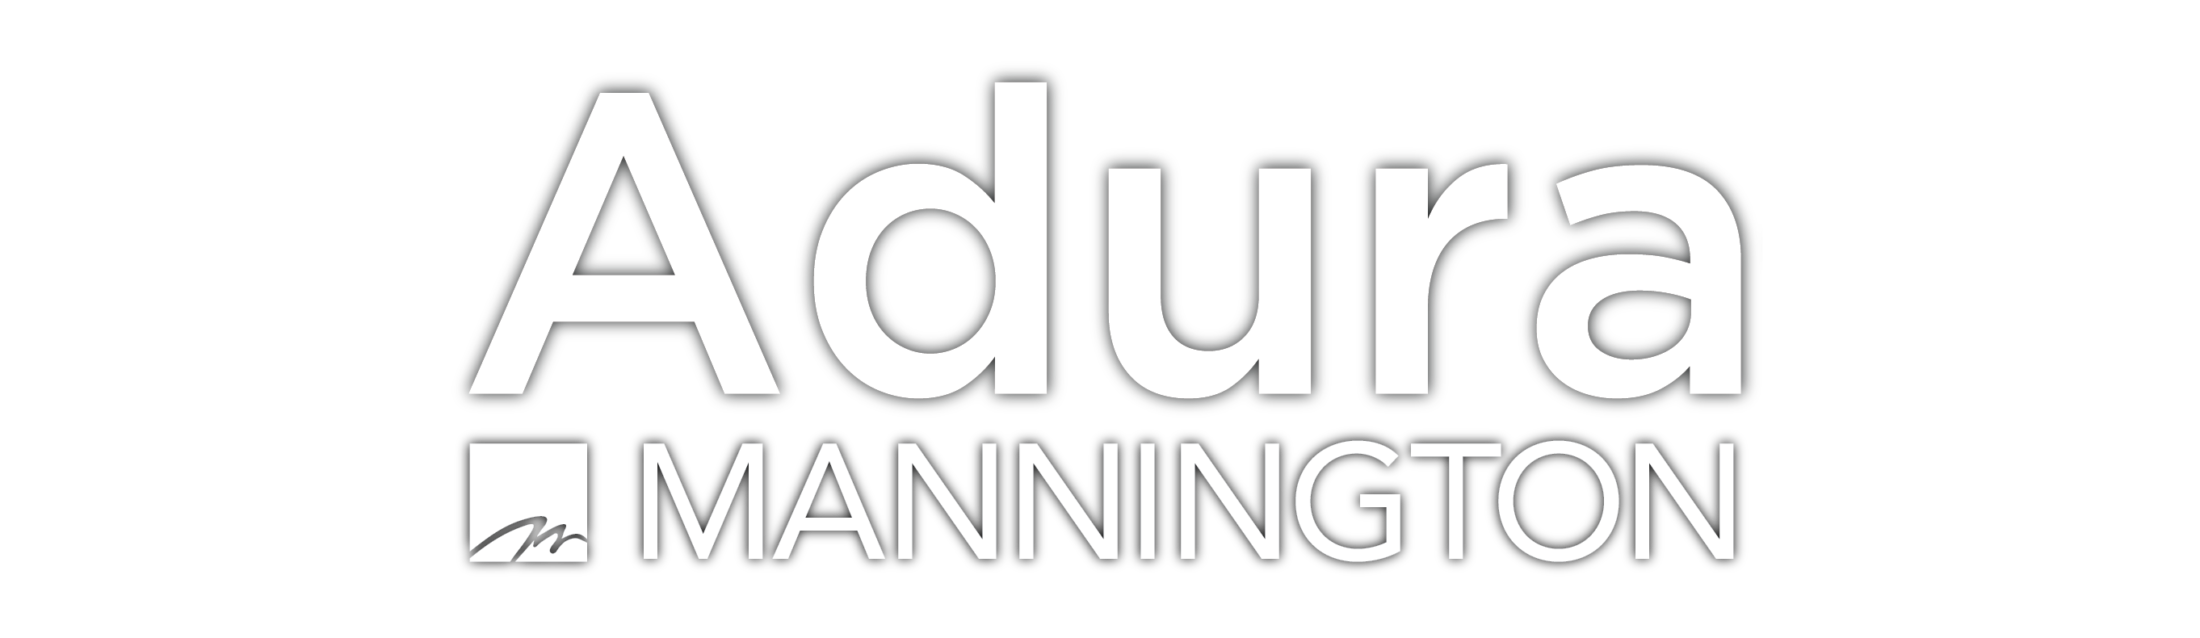 Mannington Adura Luxury Vinyl Flooring Title